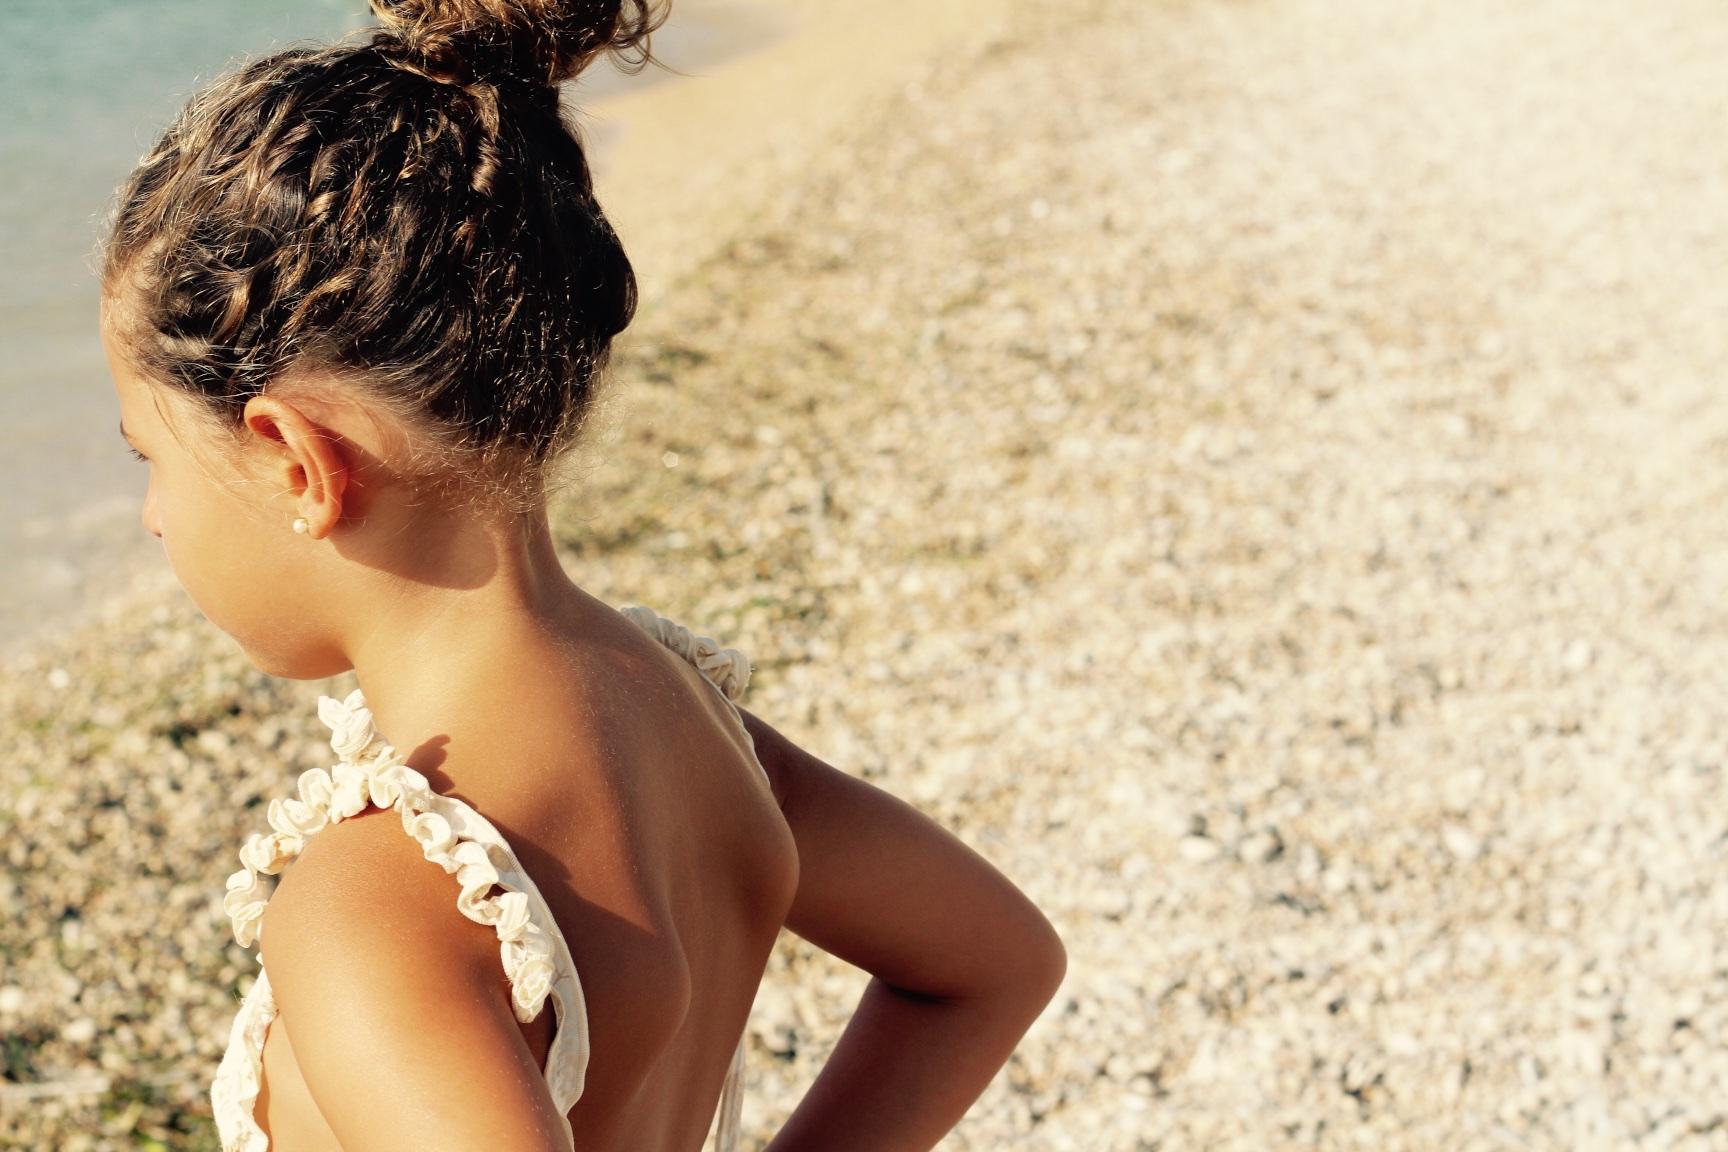 jimena-blogger-stylelovely-niños-omini-descalzaporelparque